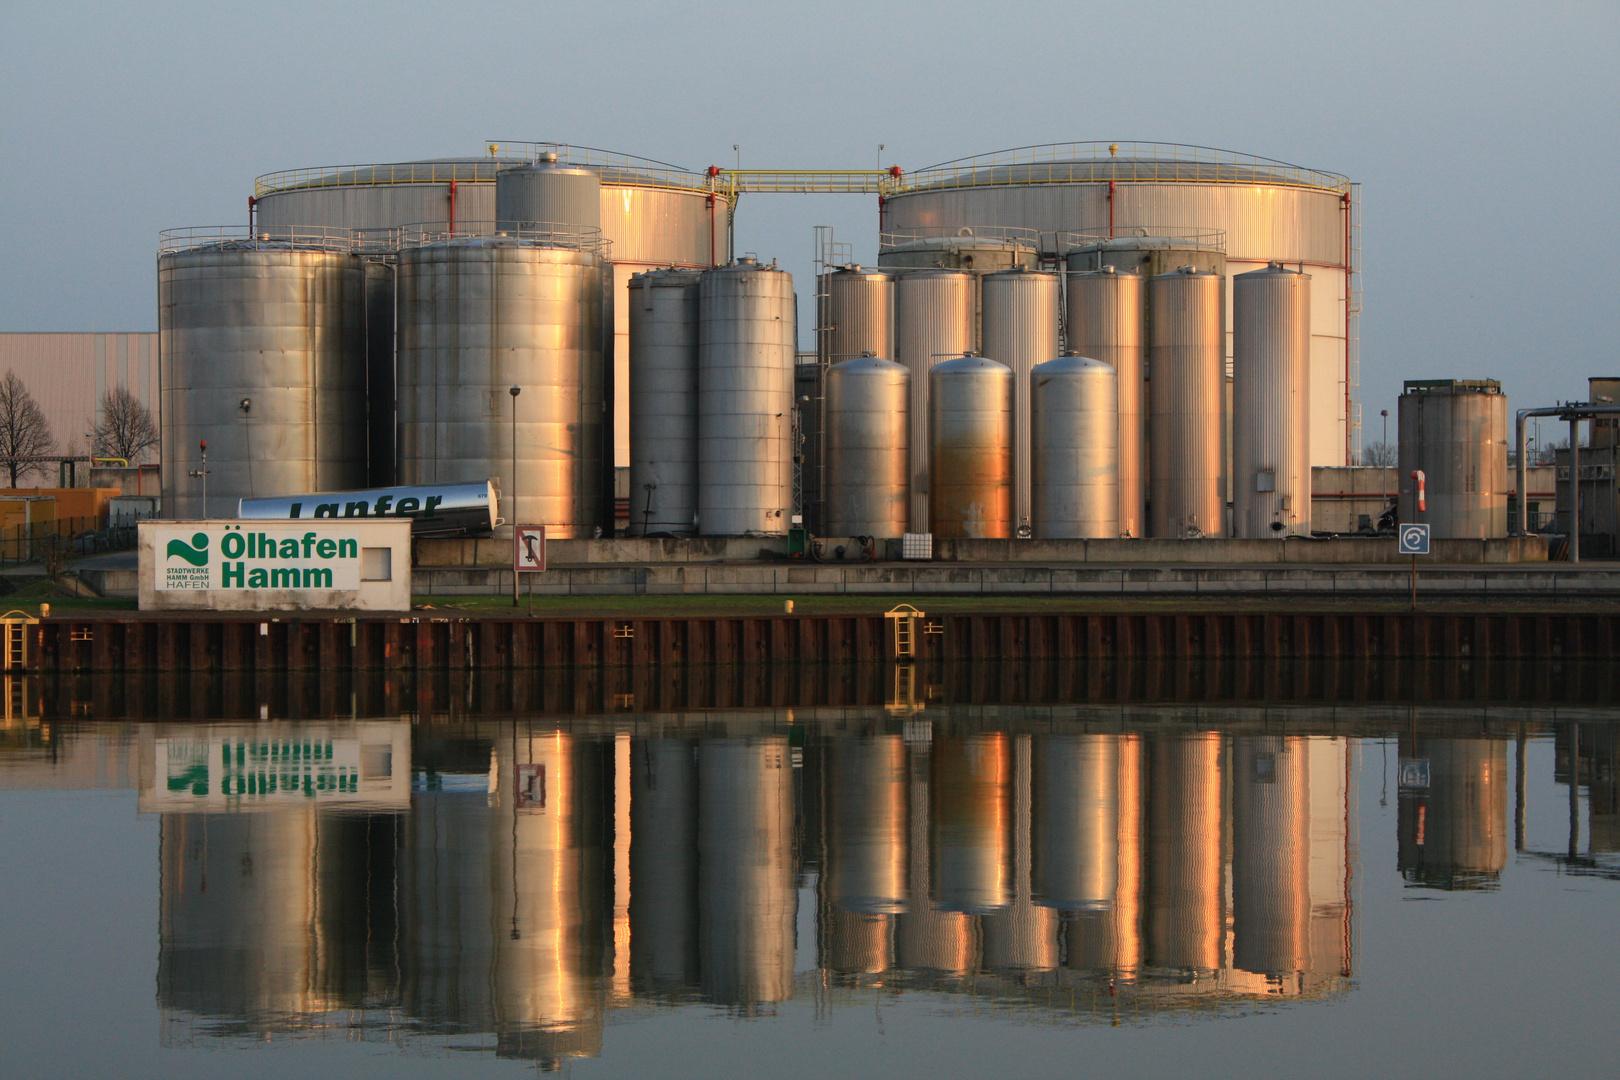 Ölhafen Hamm